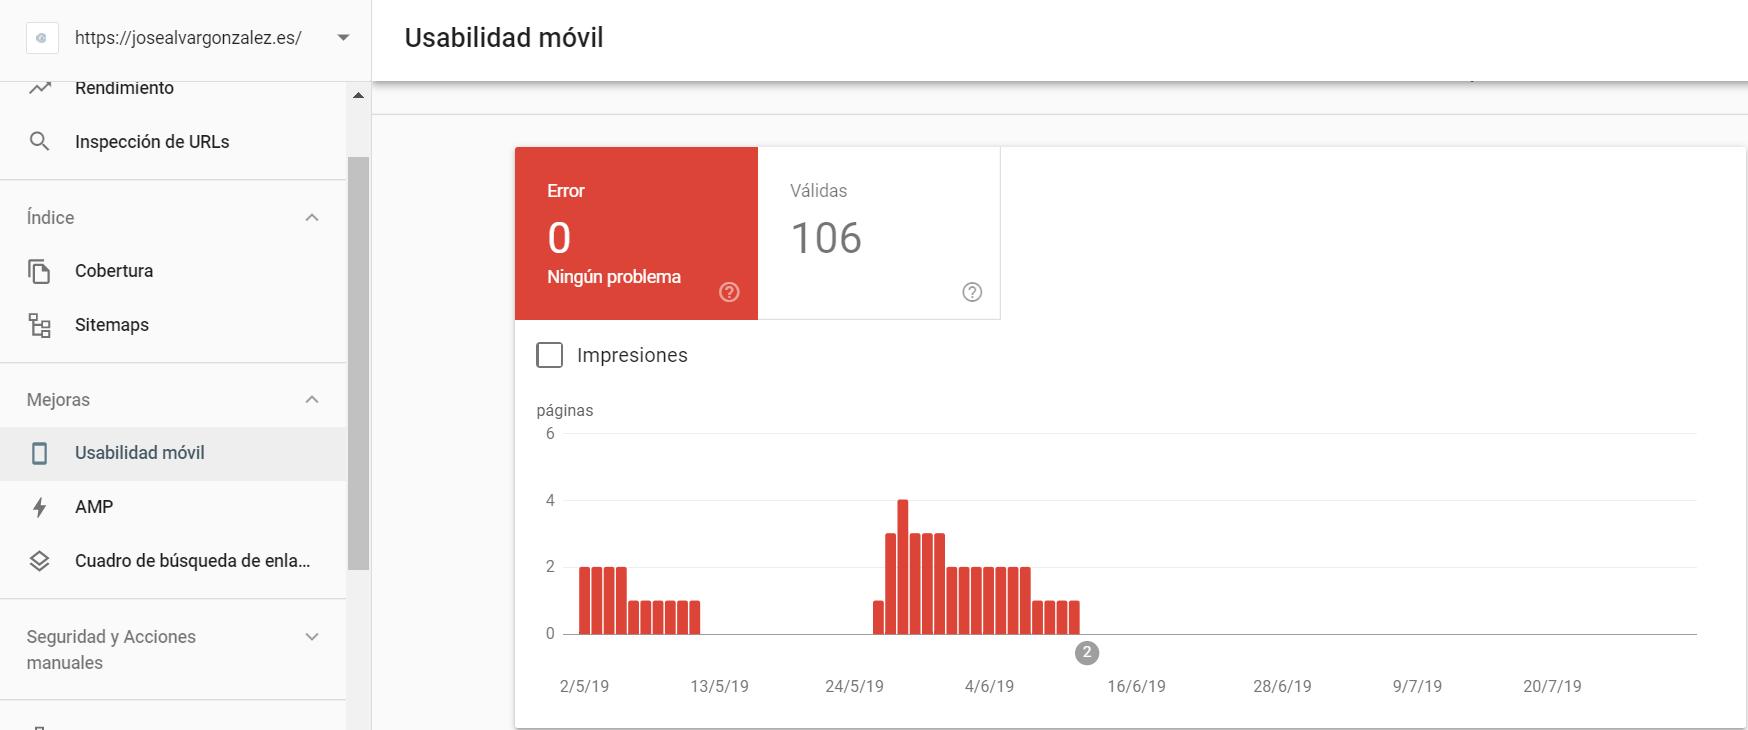 usabilidad movil guía de google search console